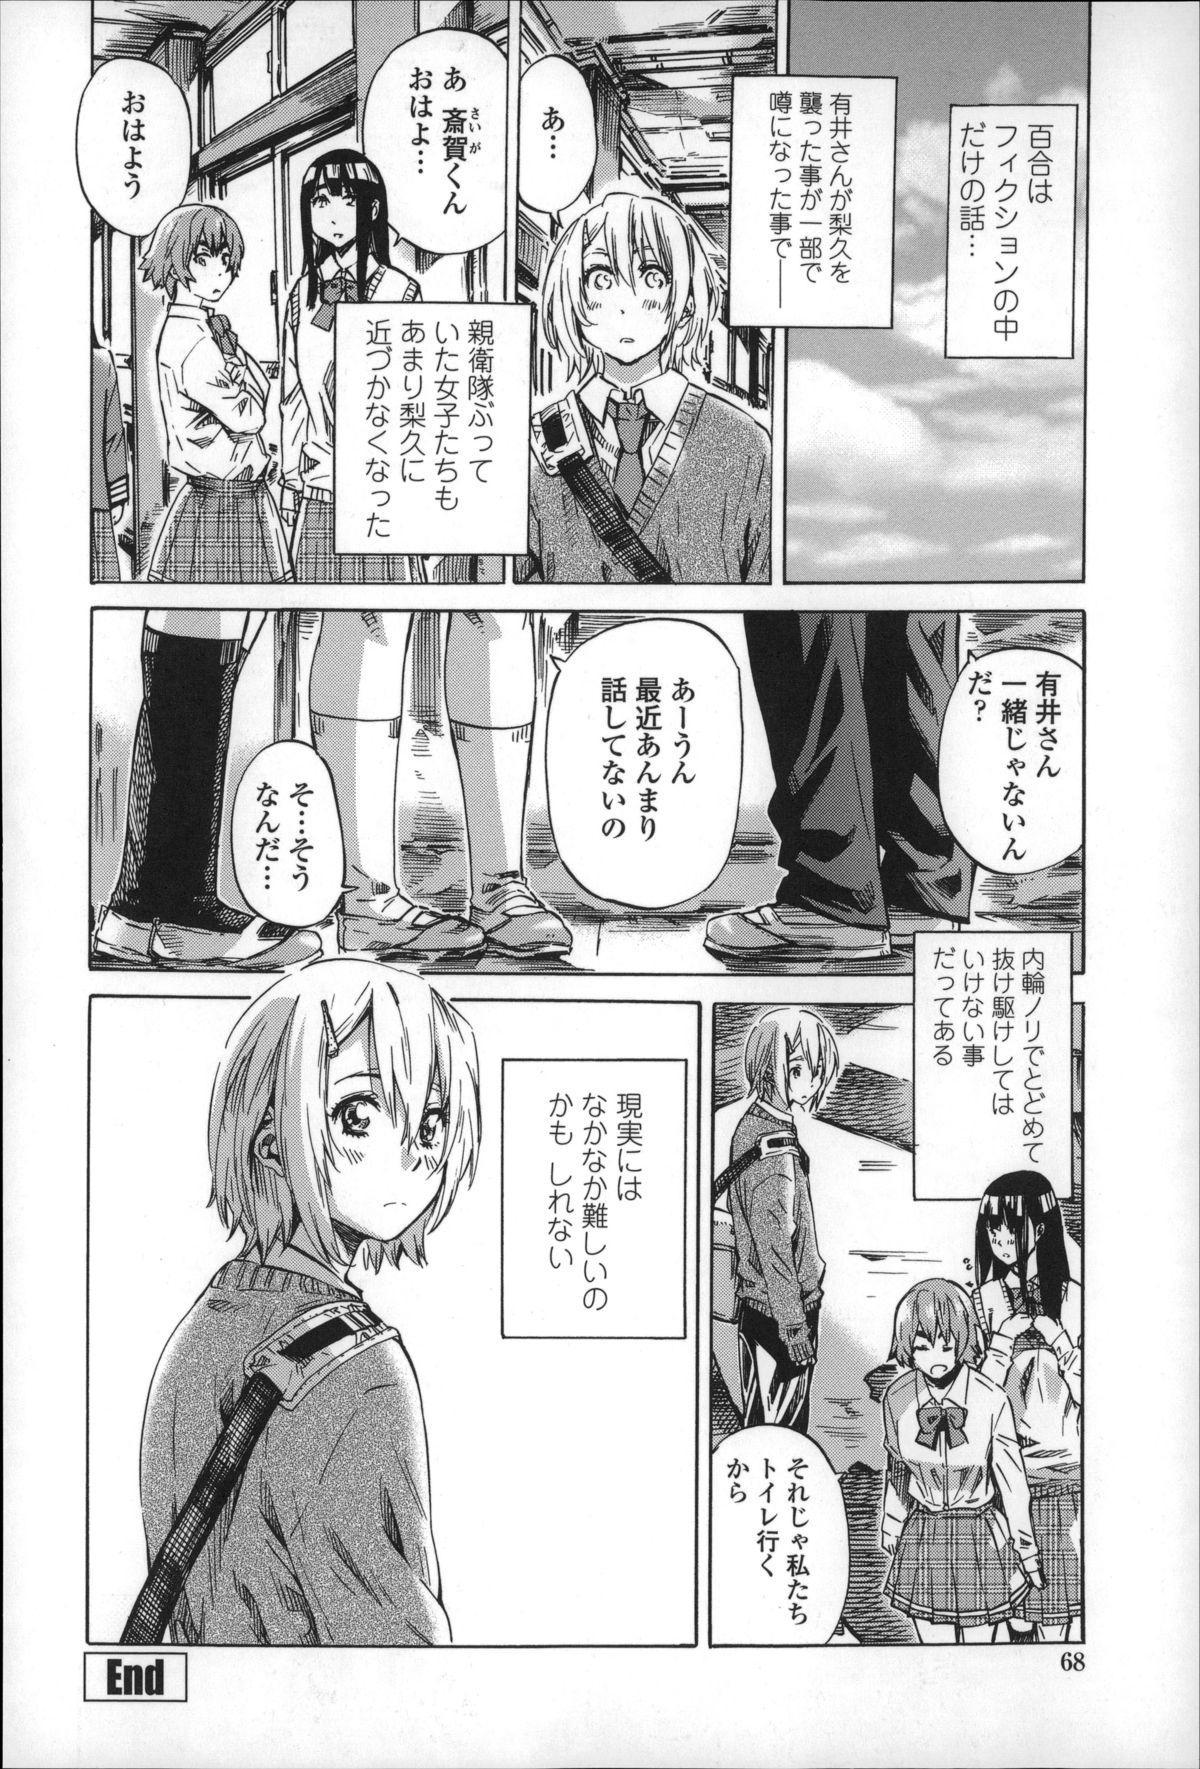 Choushin de Mukuchi no Kanojo ga Hatsujou Shite Kitara Eroiyo ne? 67